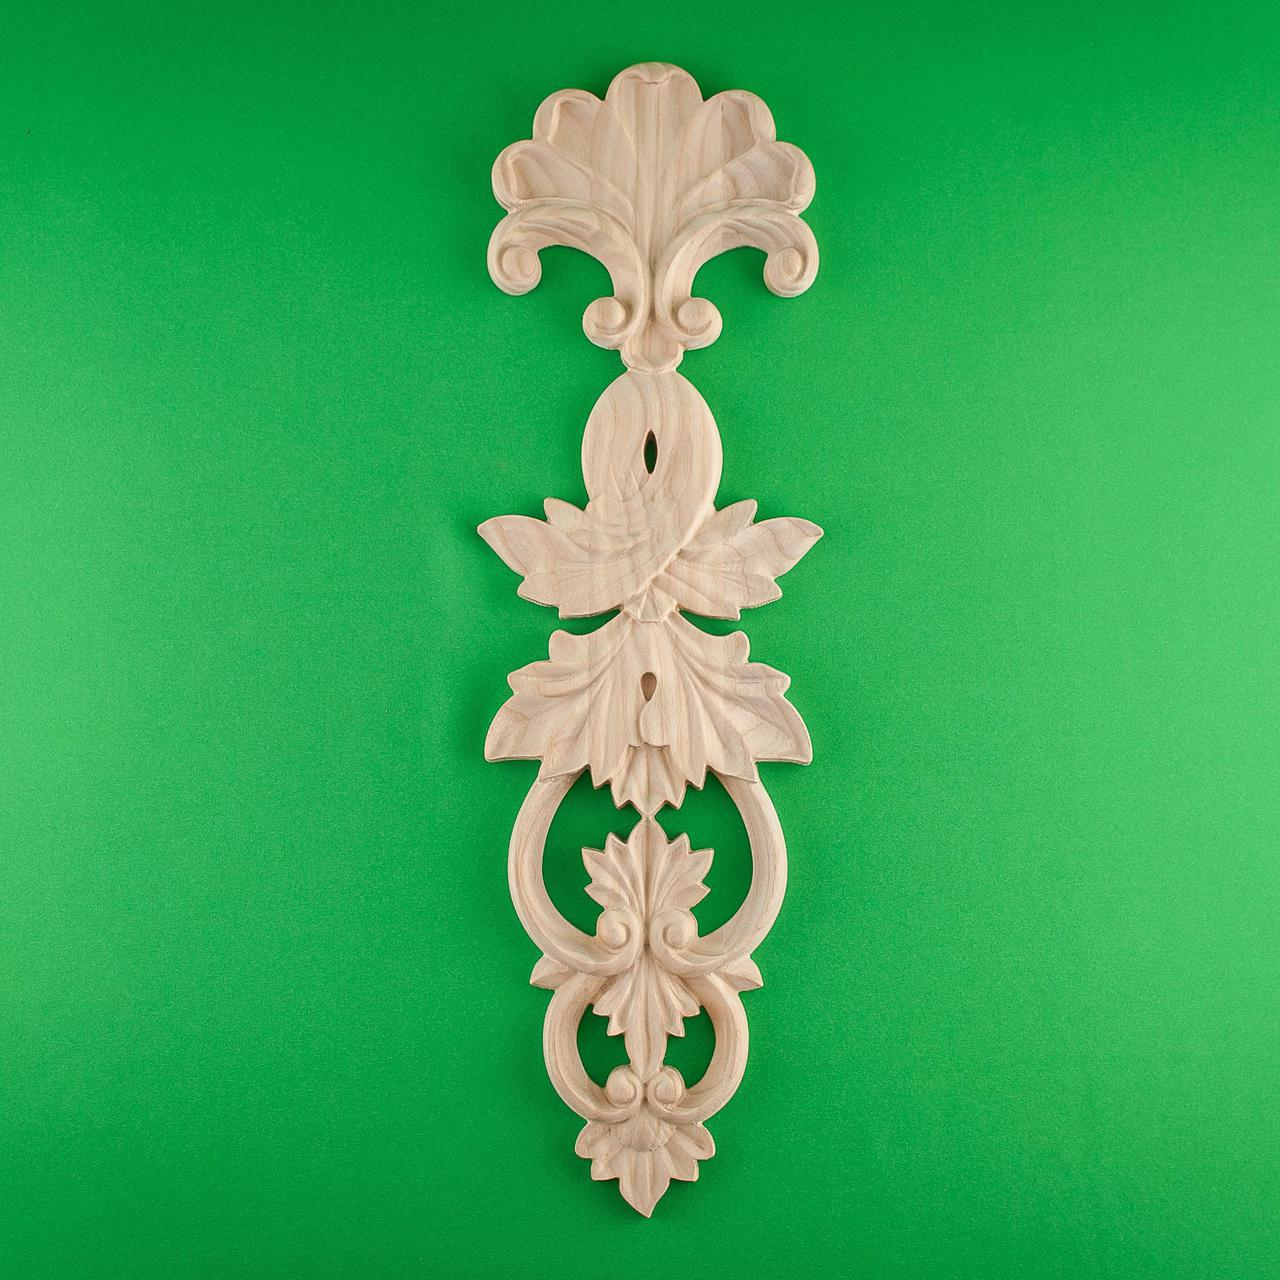 Код ДВ5. Деревянный резной декор для мебели. Декор вертикальный